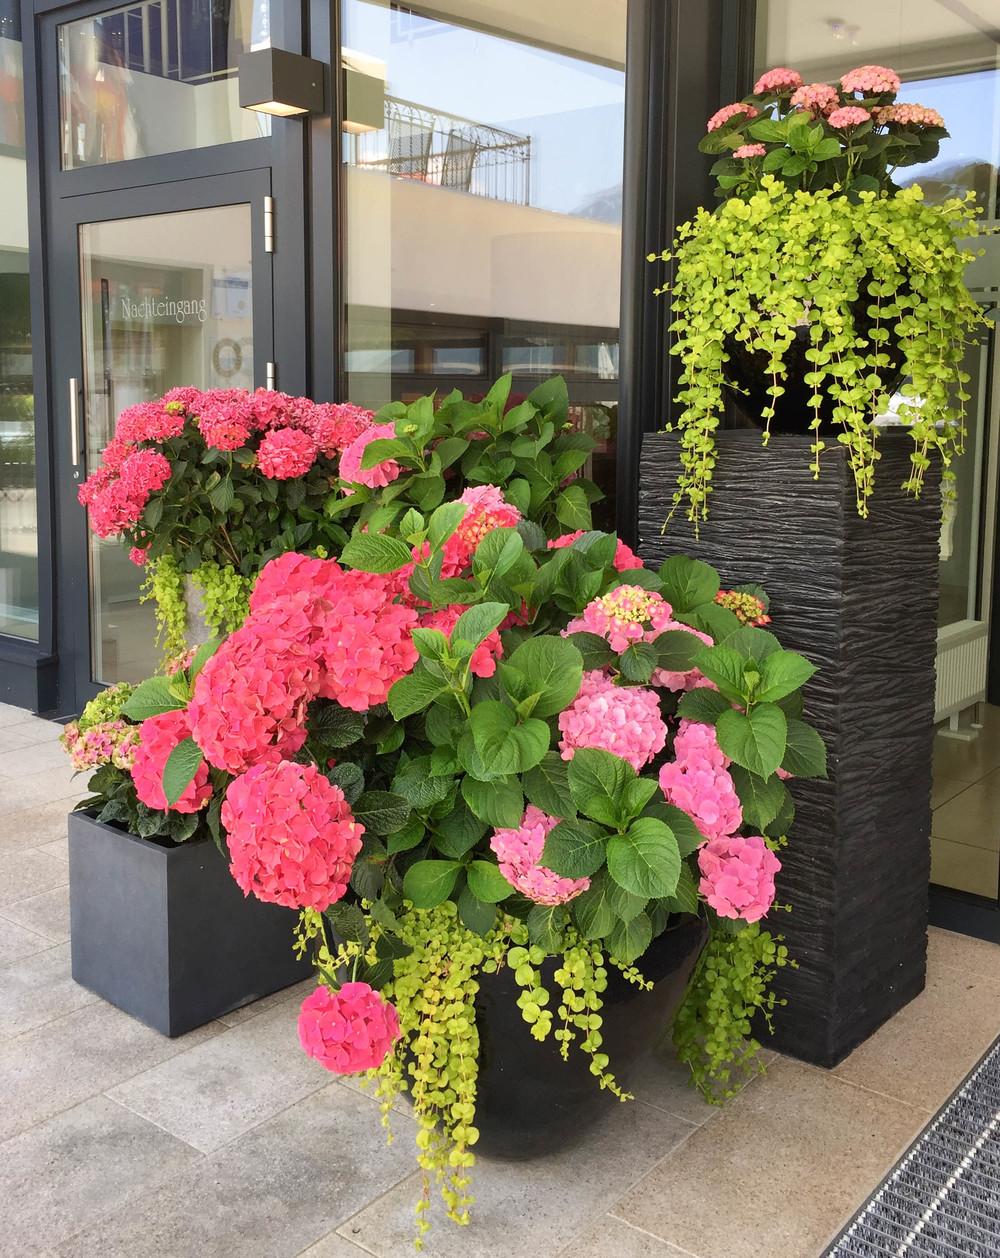 LaurenSchwaiger-Travel-Blog-Achensee-Austria-Strand-Hotel-Pink-Hygrangeas.jpg